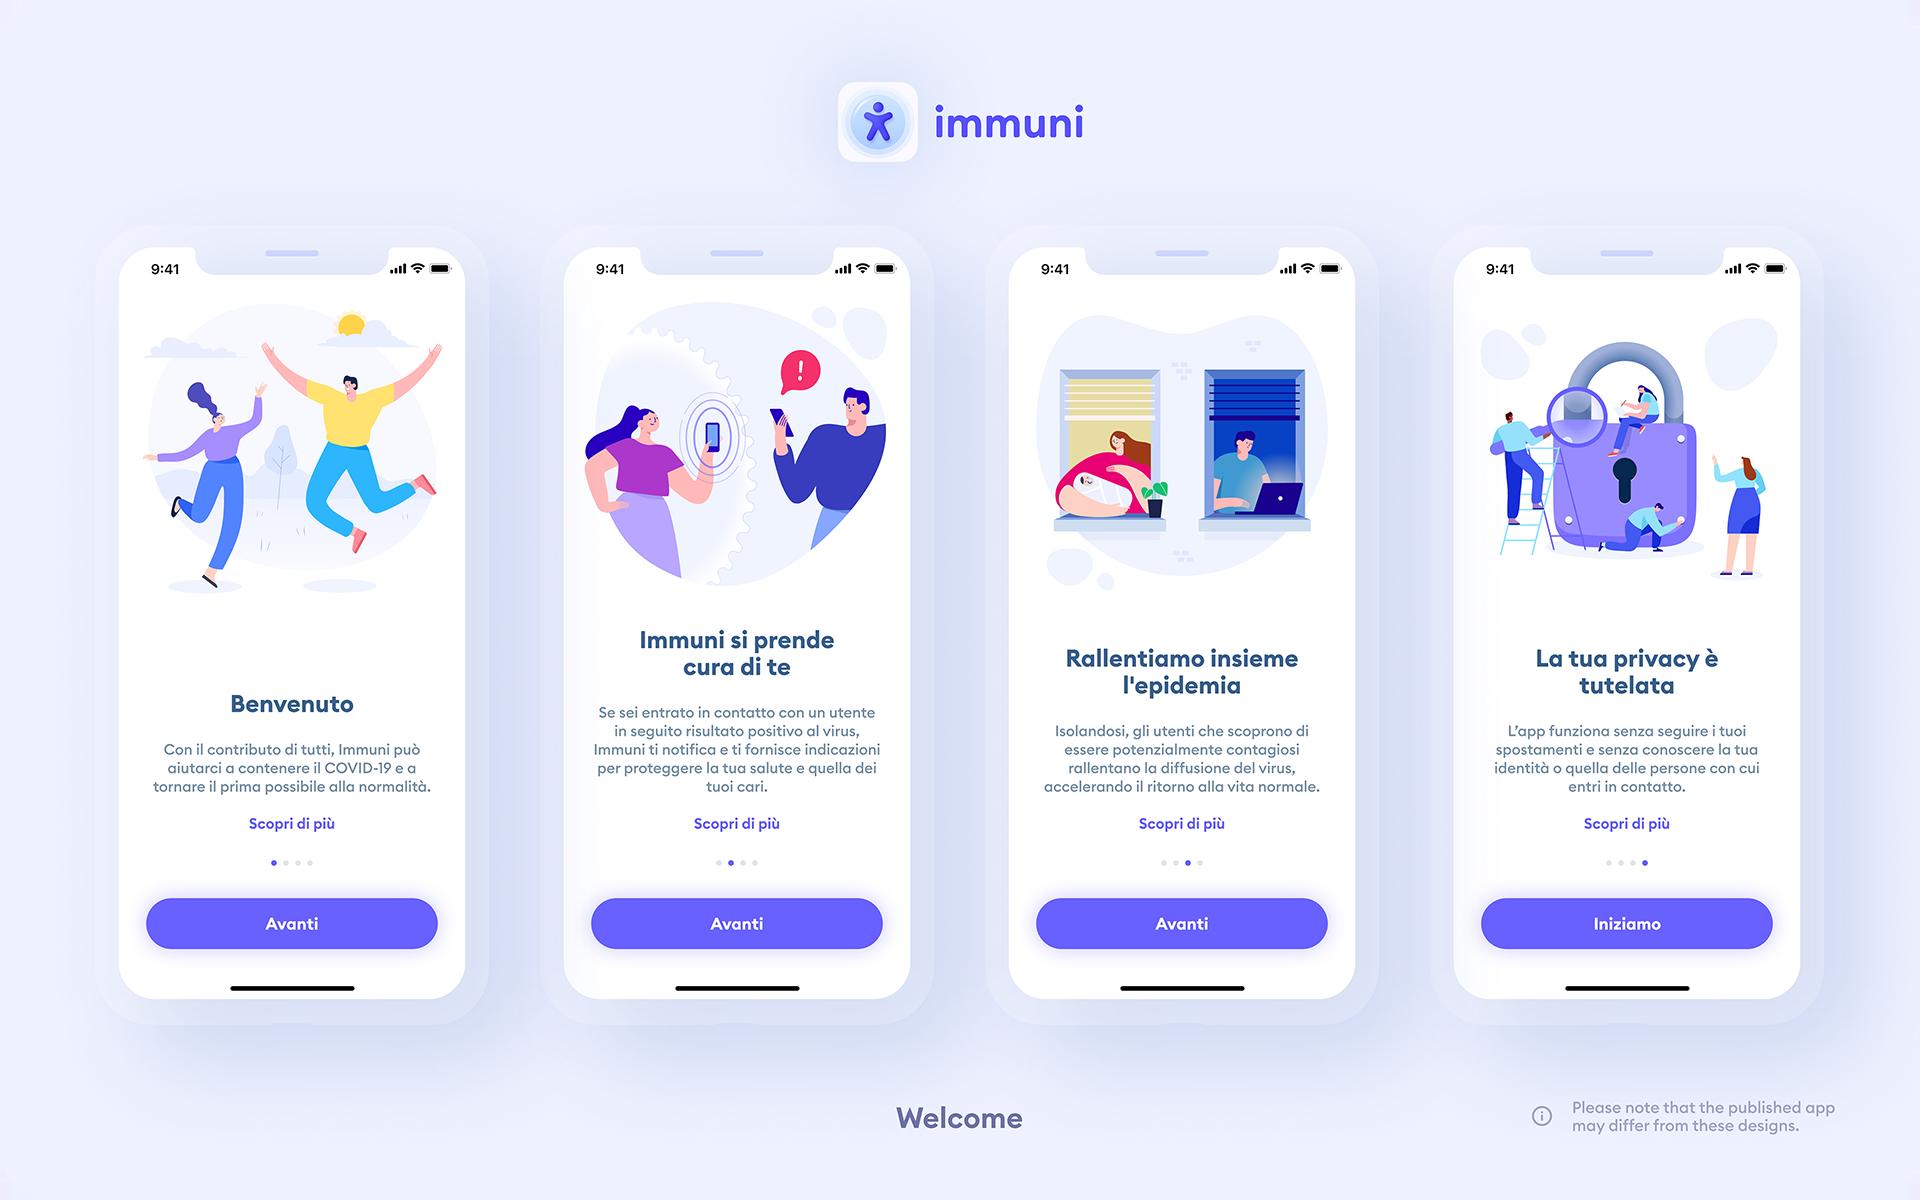 Immuni - Welcome